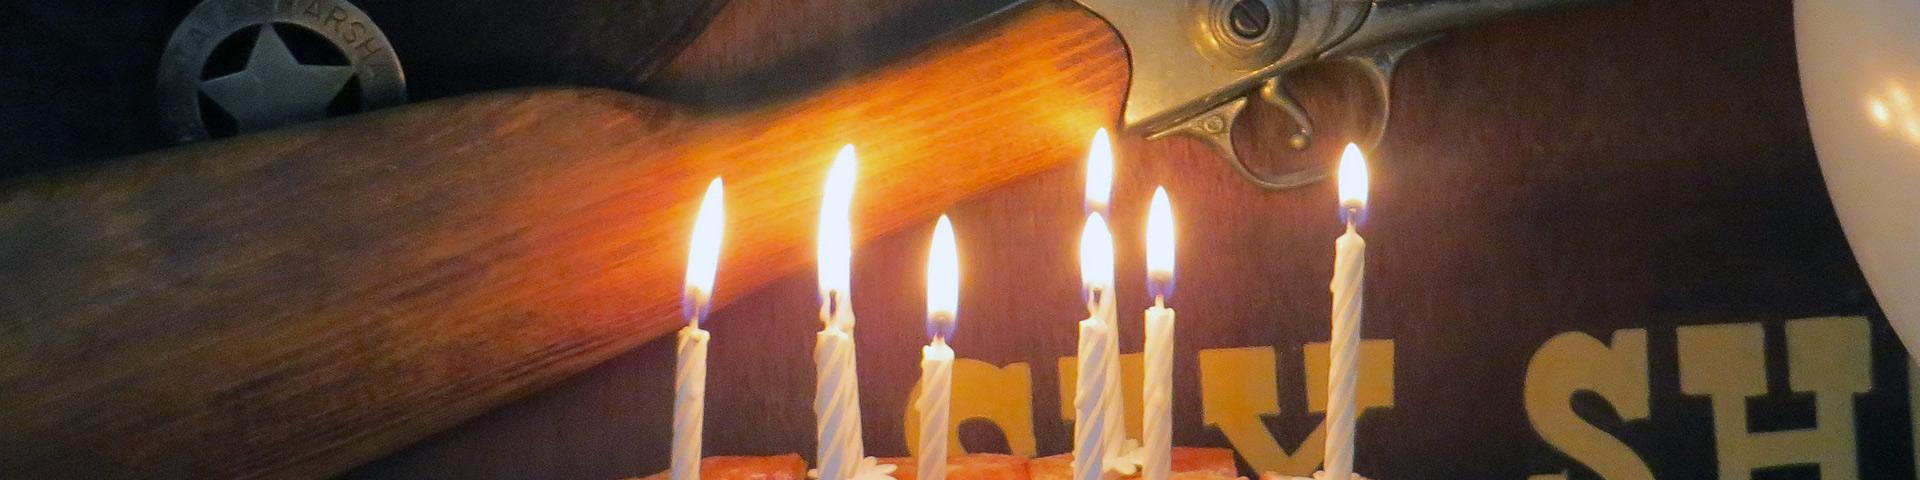 cumpleaños en oasys minihollywood